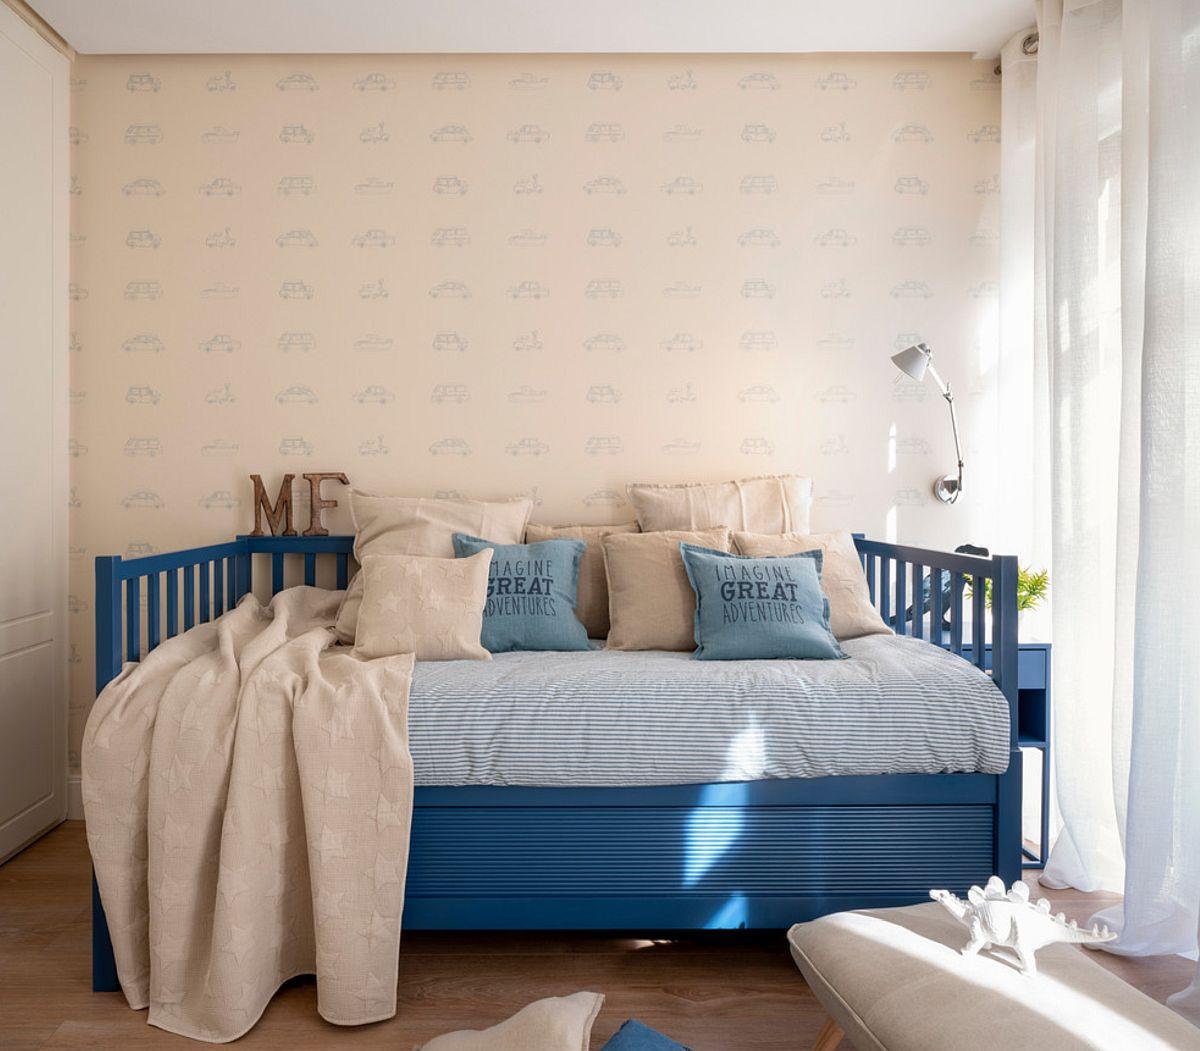 Patul este unul cu două saltele, sertarul de jos putând fi tras pentru un al doilea loc de dormit. Pentru ca spațiul camerei să nu apară ca un dormitor, patul a fost ales cu o imagine de canapea.